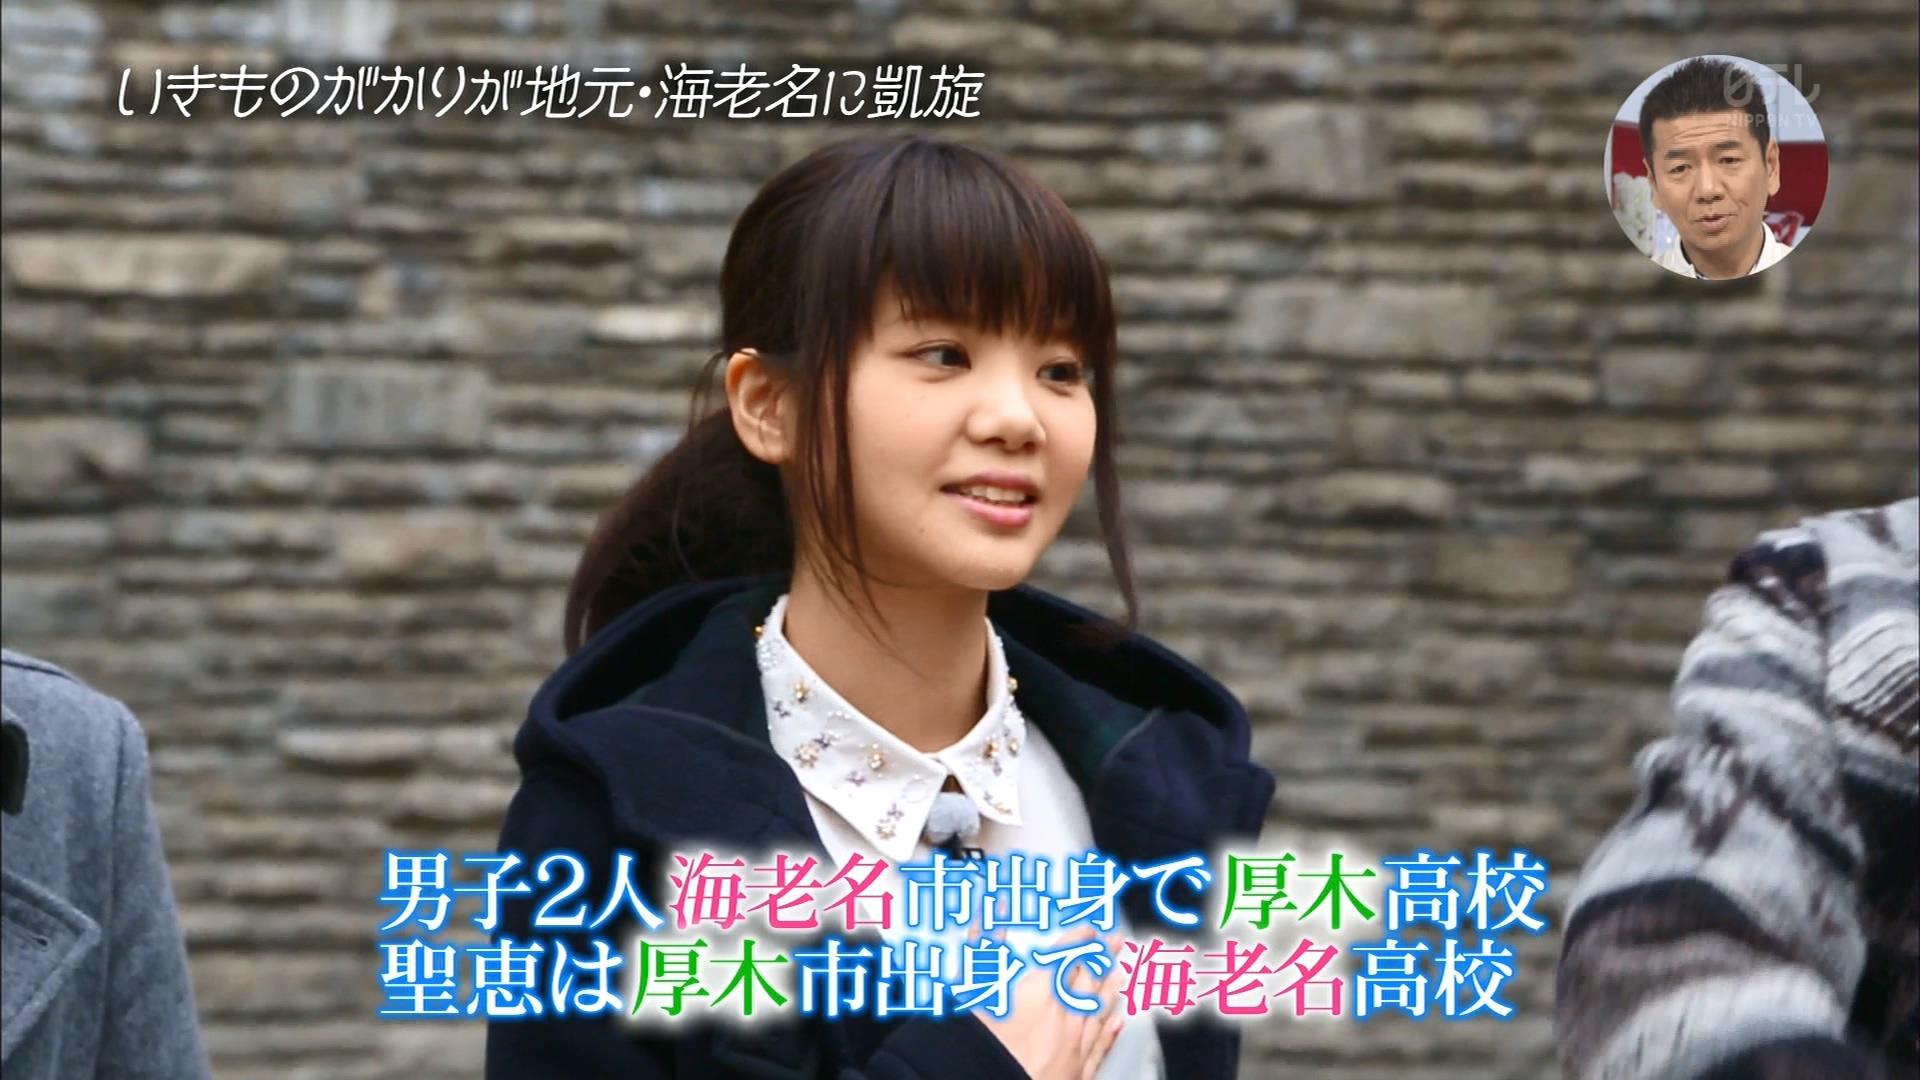 2016.03.13 全場(おしゃれイズム).ts_20160314_011603.351